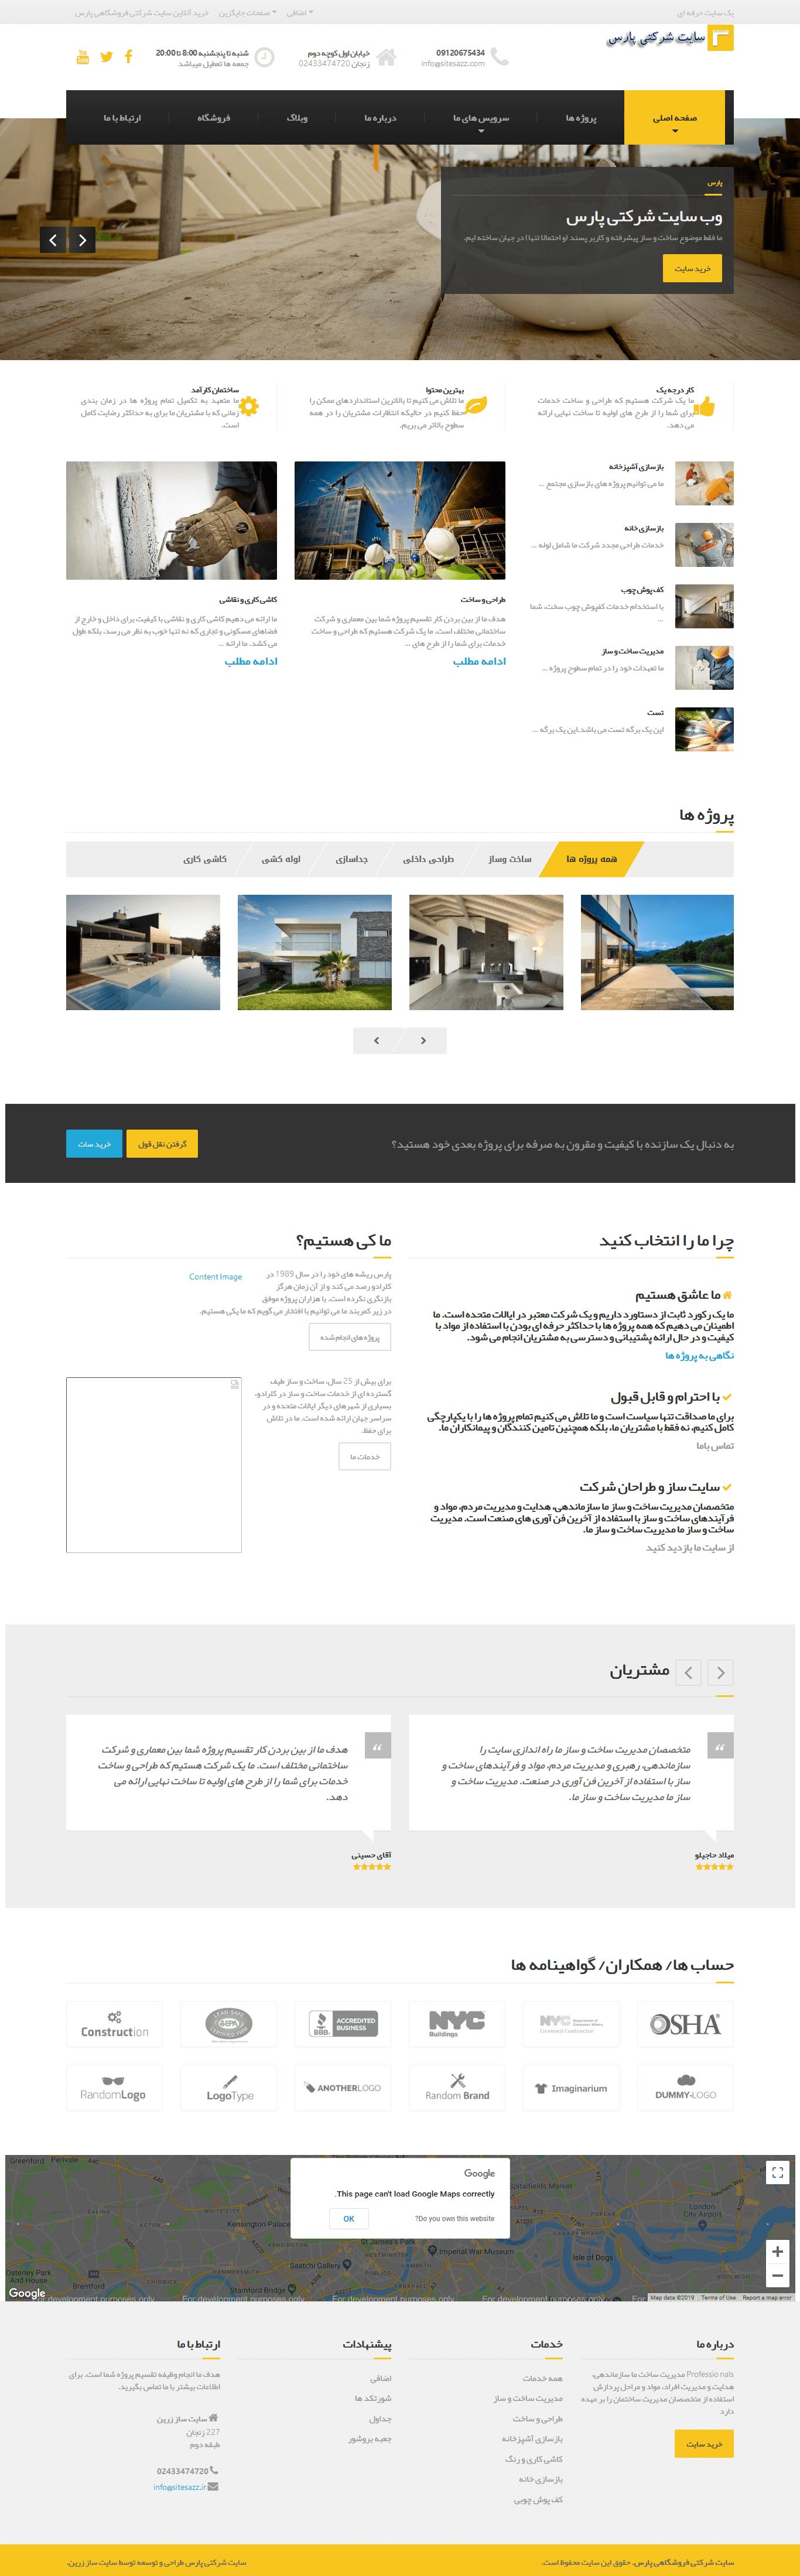 حالت دسکتاپ سایت شرکتی پارس